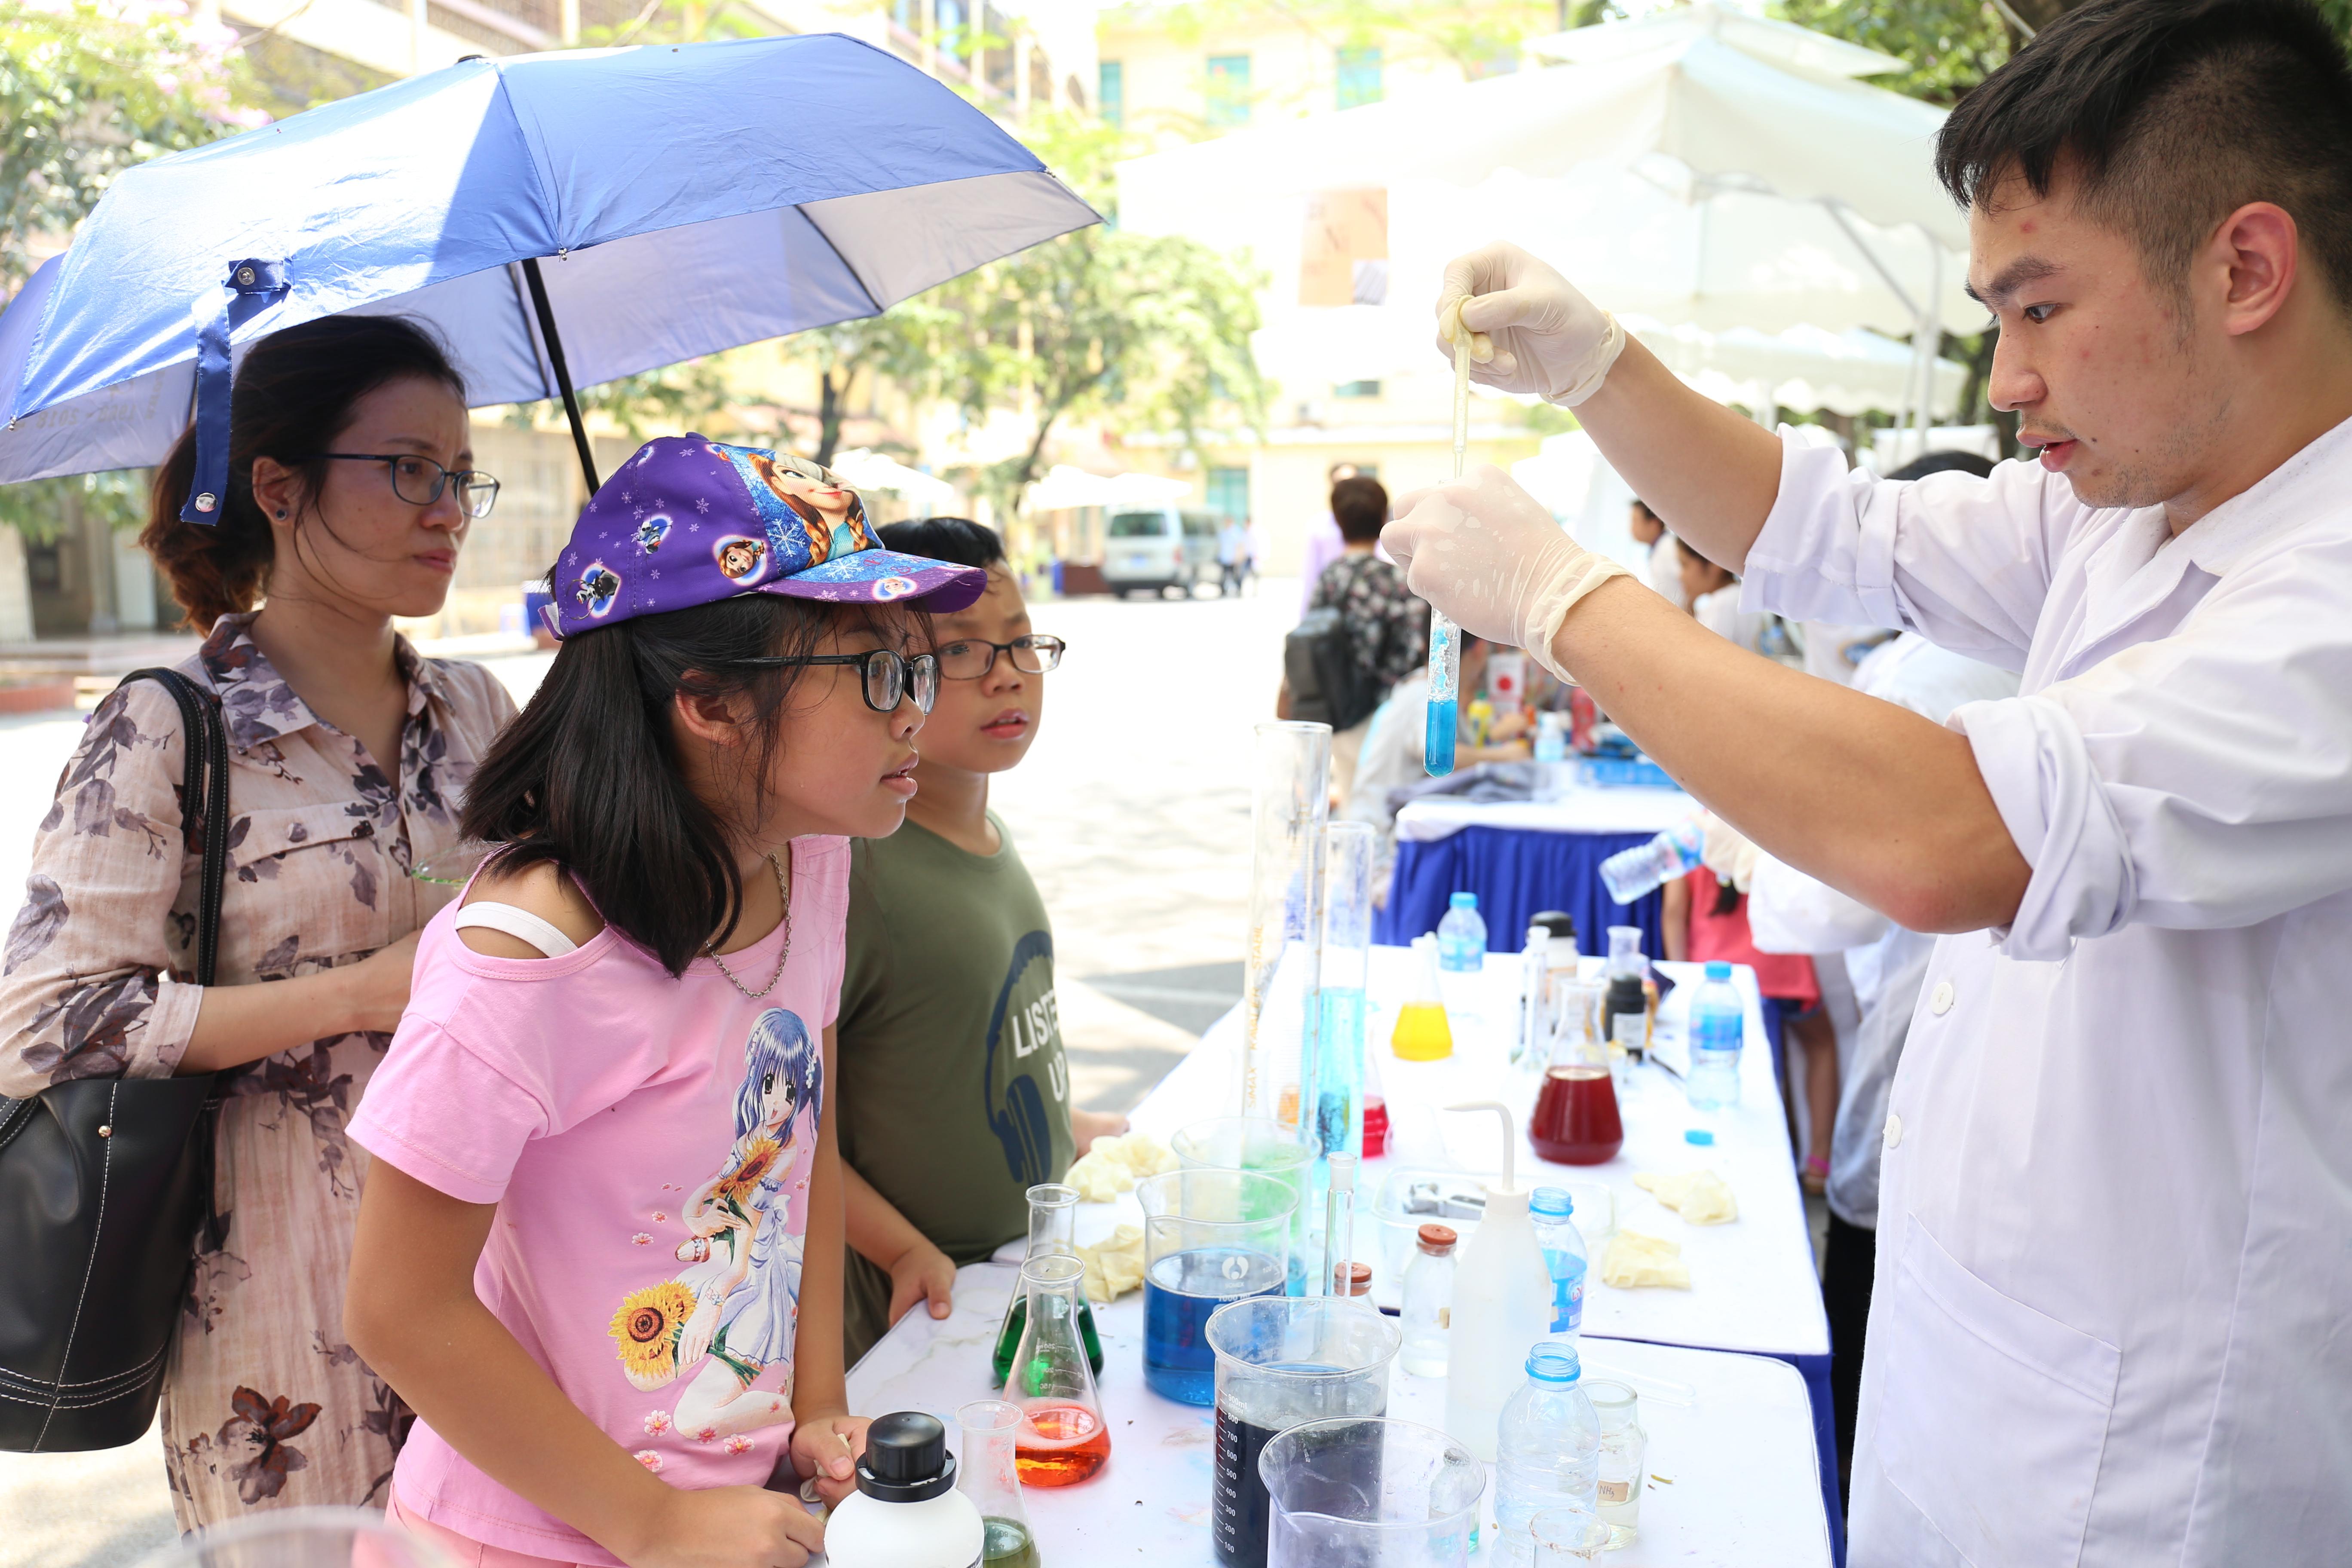 """Các em nhỏ được xem và tận tay làm thí nghiệm với một số hóa chất thường dùng trong phòng thí nghiệm như đồng sulfate. """"Lúc nào các em cũng phải cẩn thận, làm nhẹ nhàng và đeo găng tay để bảo vệ mình nhé"""", các anh chị sinh viên hướng dẫn những em lần đầu tiên được dùng bộ hóa chất."""